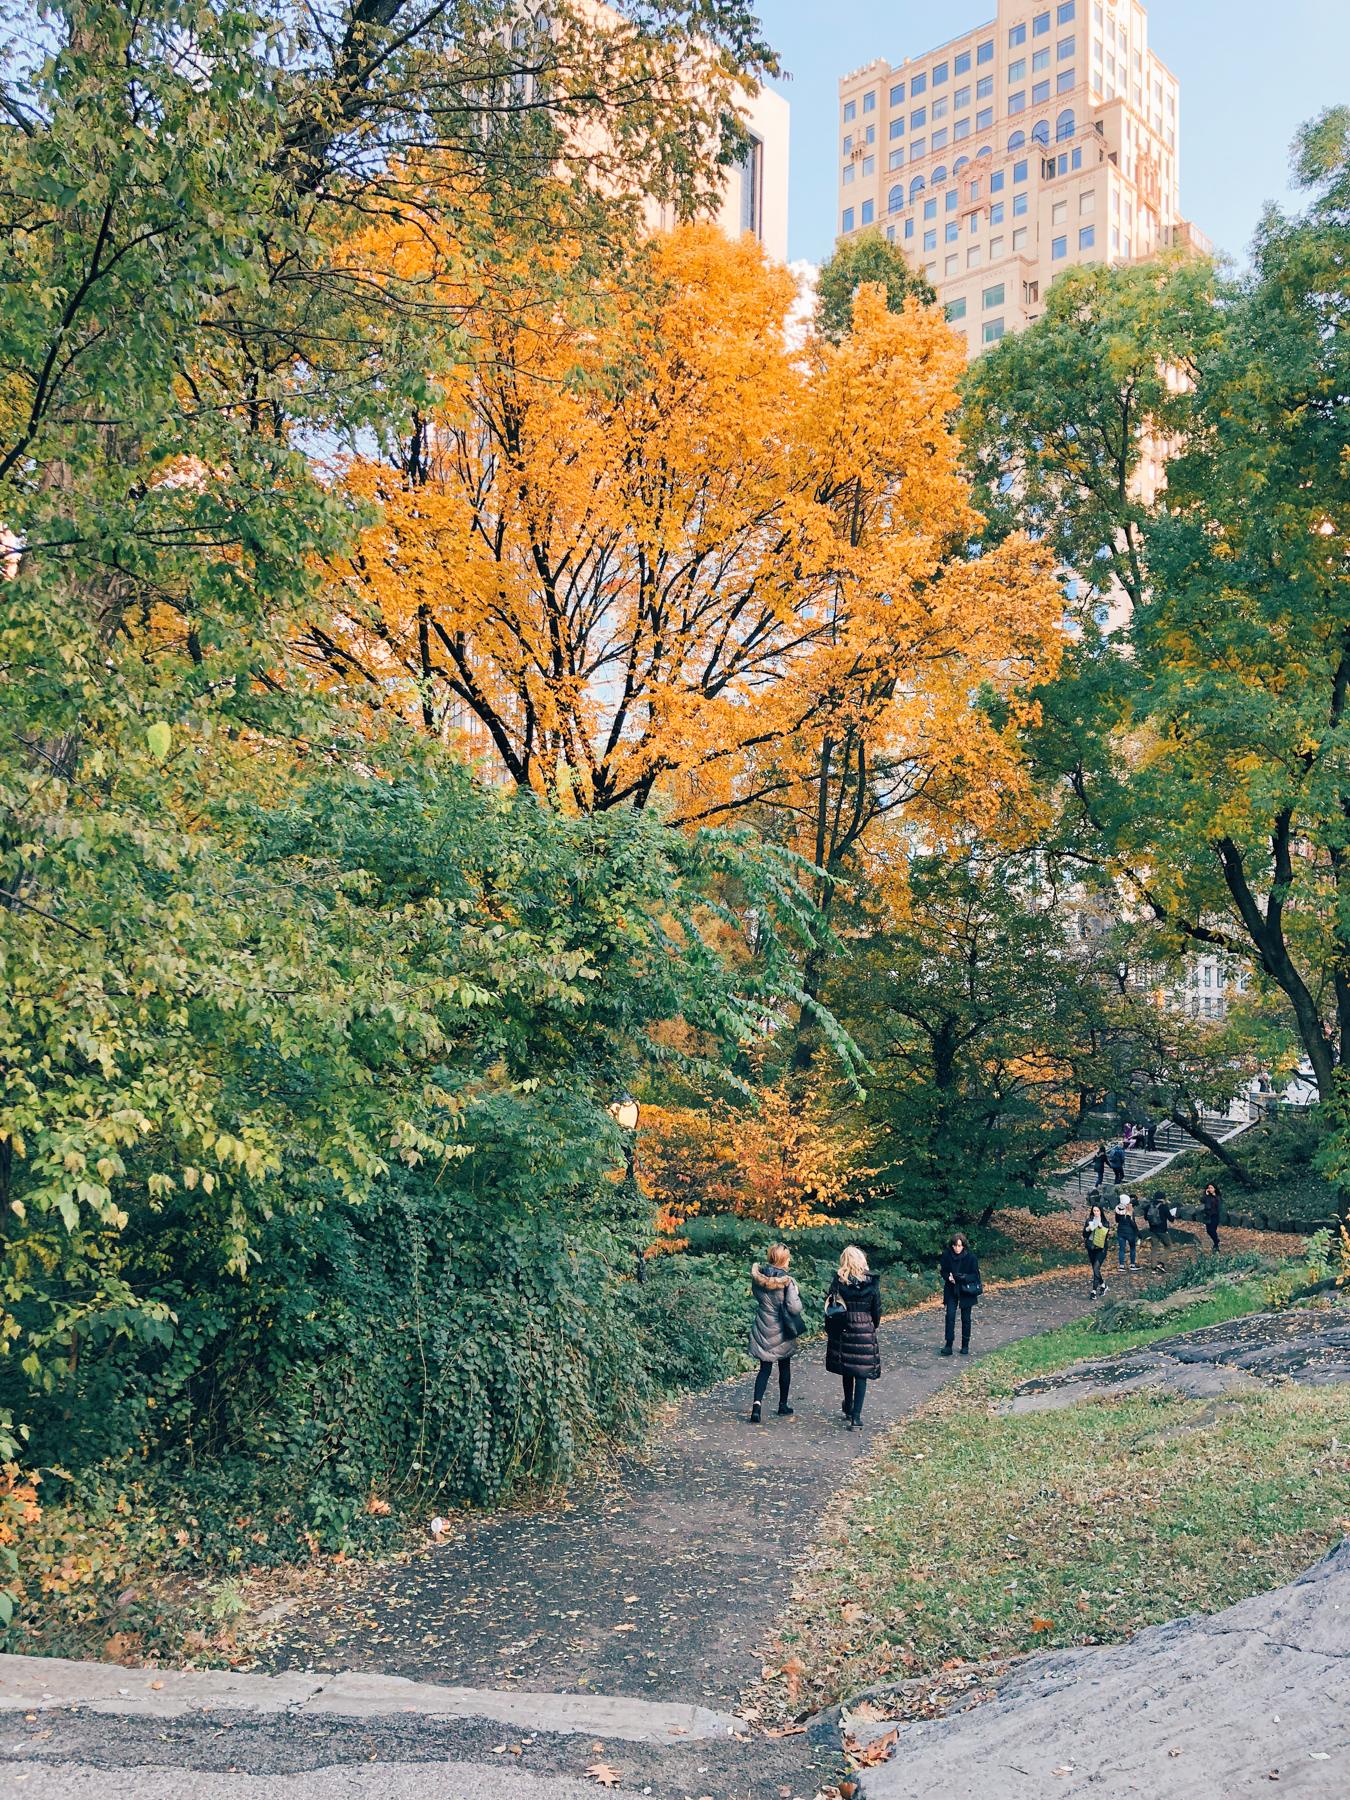 Central Park, near The Pond